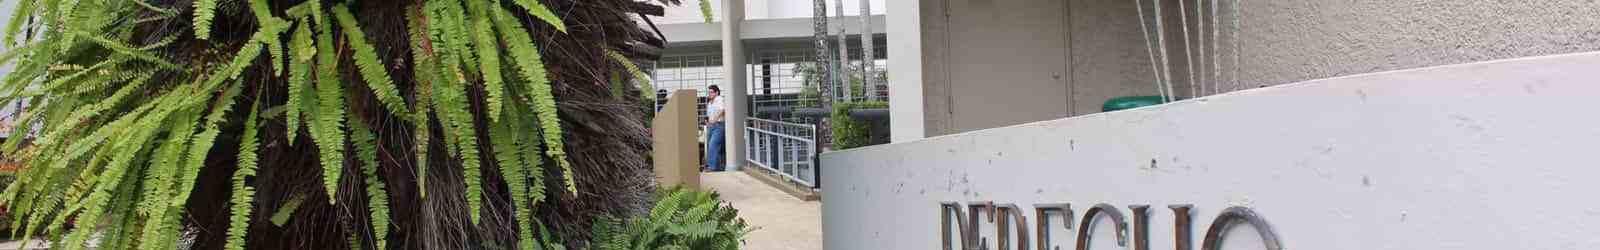 Desmienten supuesta desacreditación de la Escuela de Derecho